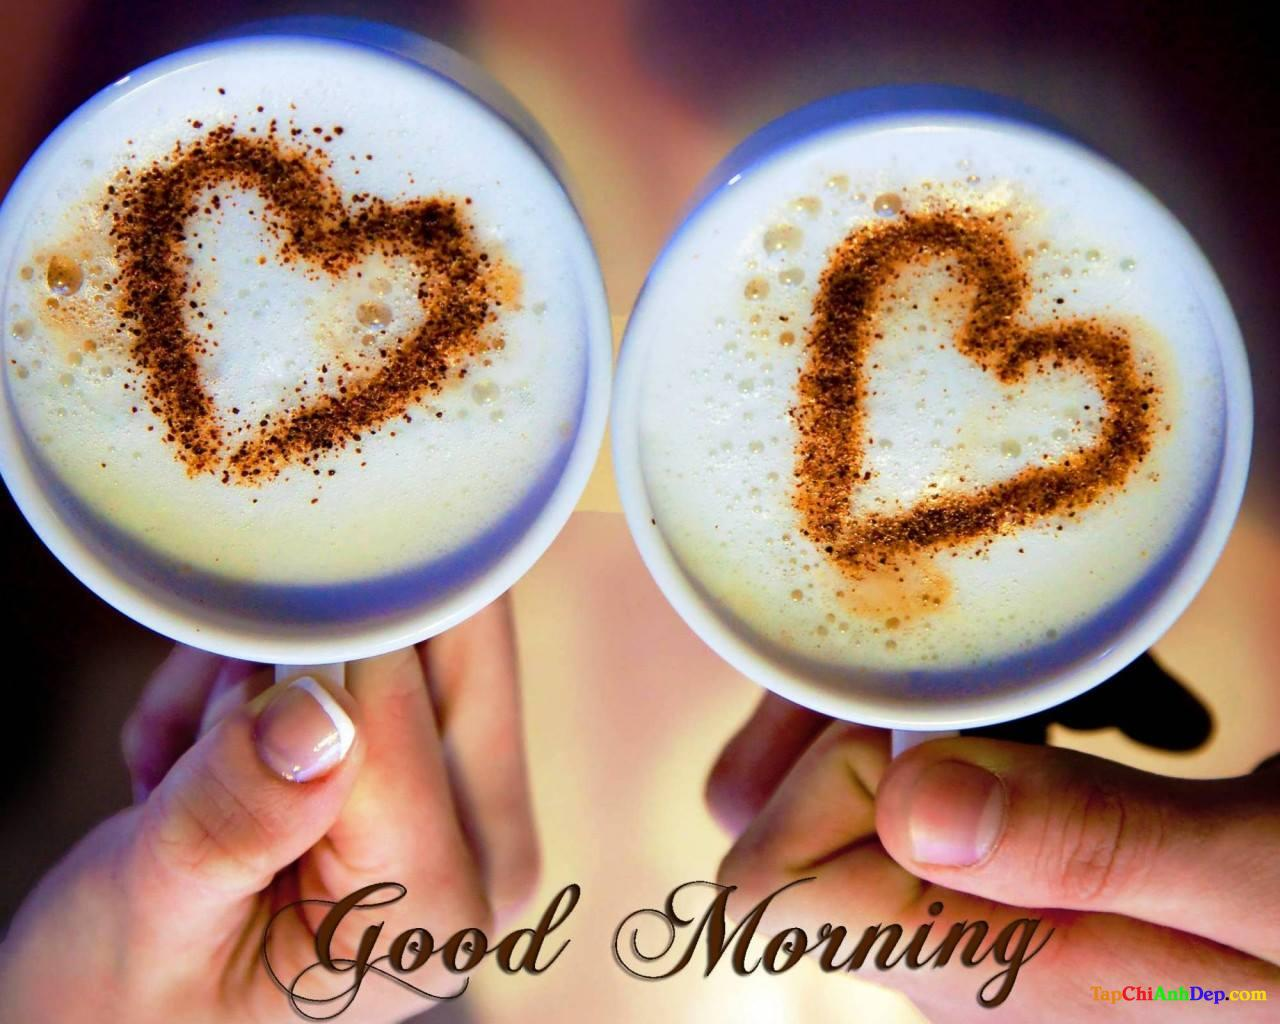 Những câu stt chào buổi sáng giúp bạn yêu đời hơn.